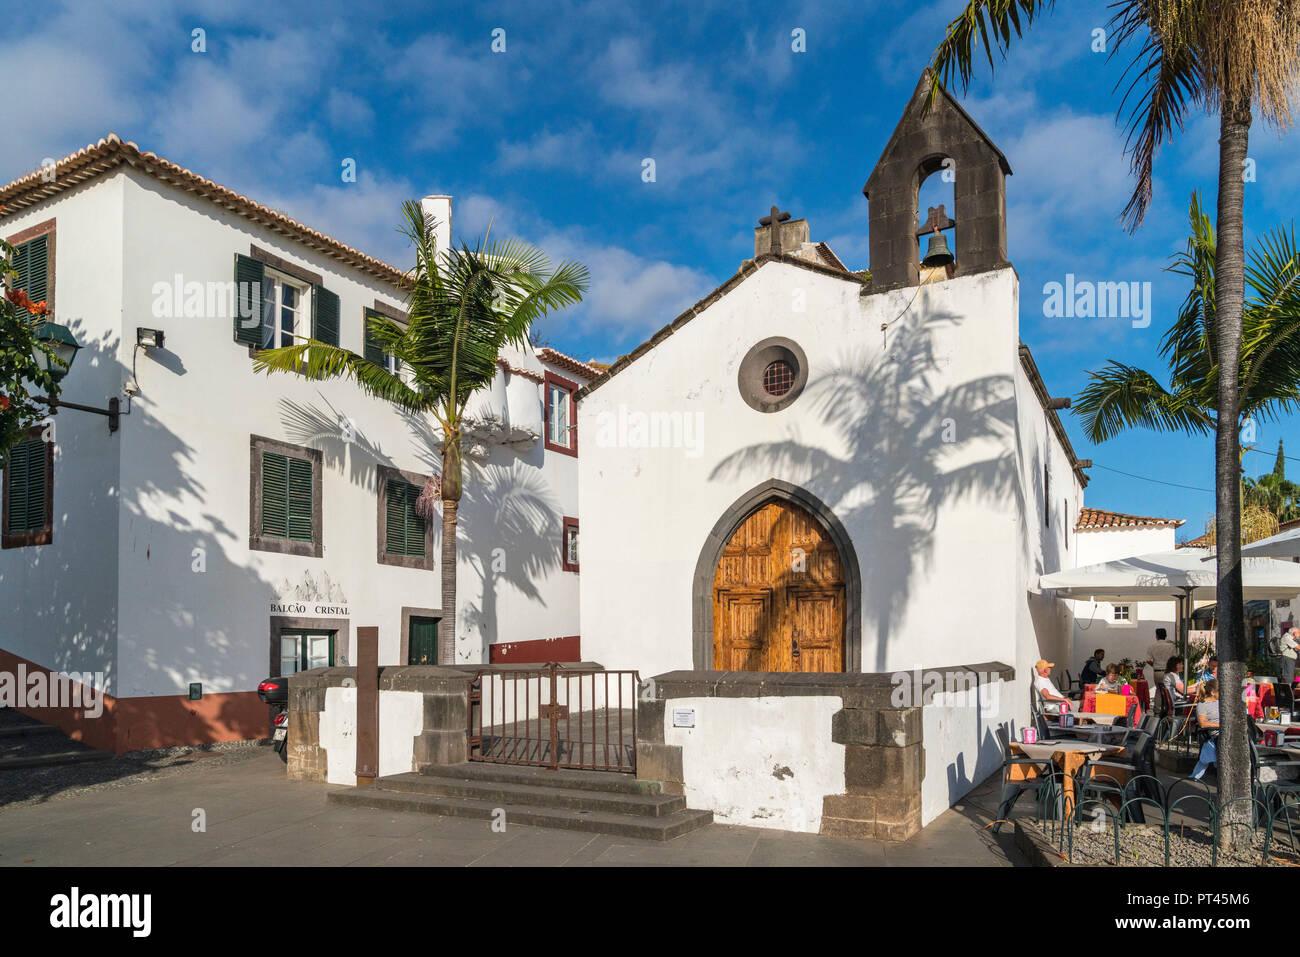 La facciata del Corpo Santo cappella nella Città Vecchia, Funchal, regione di Madera, Portogallo, Immagini Stock